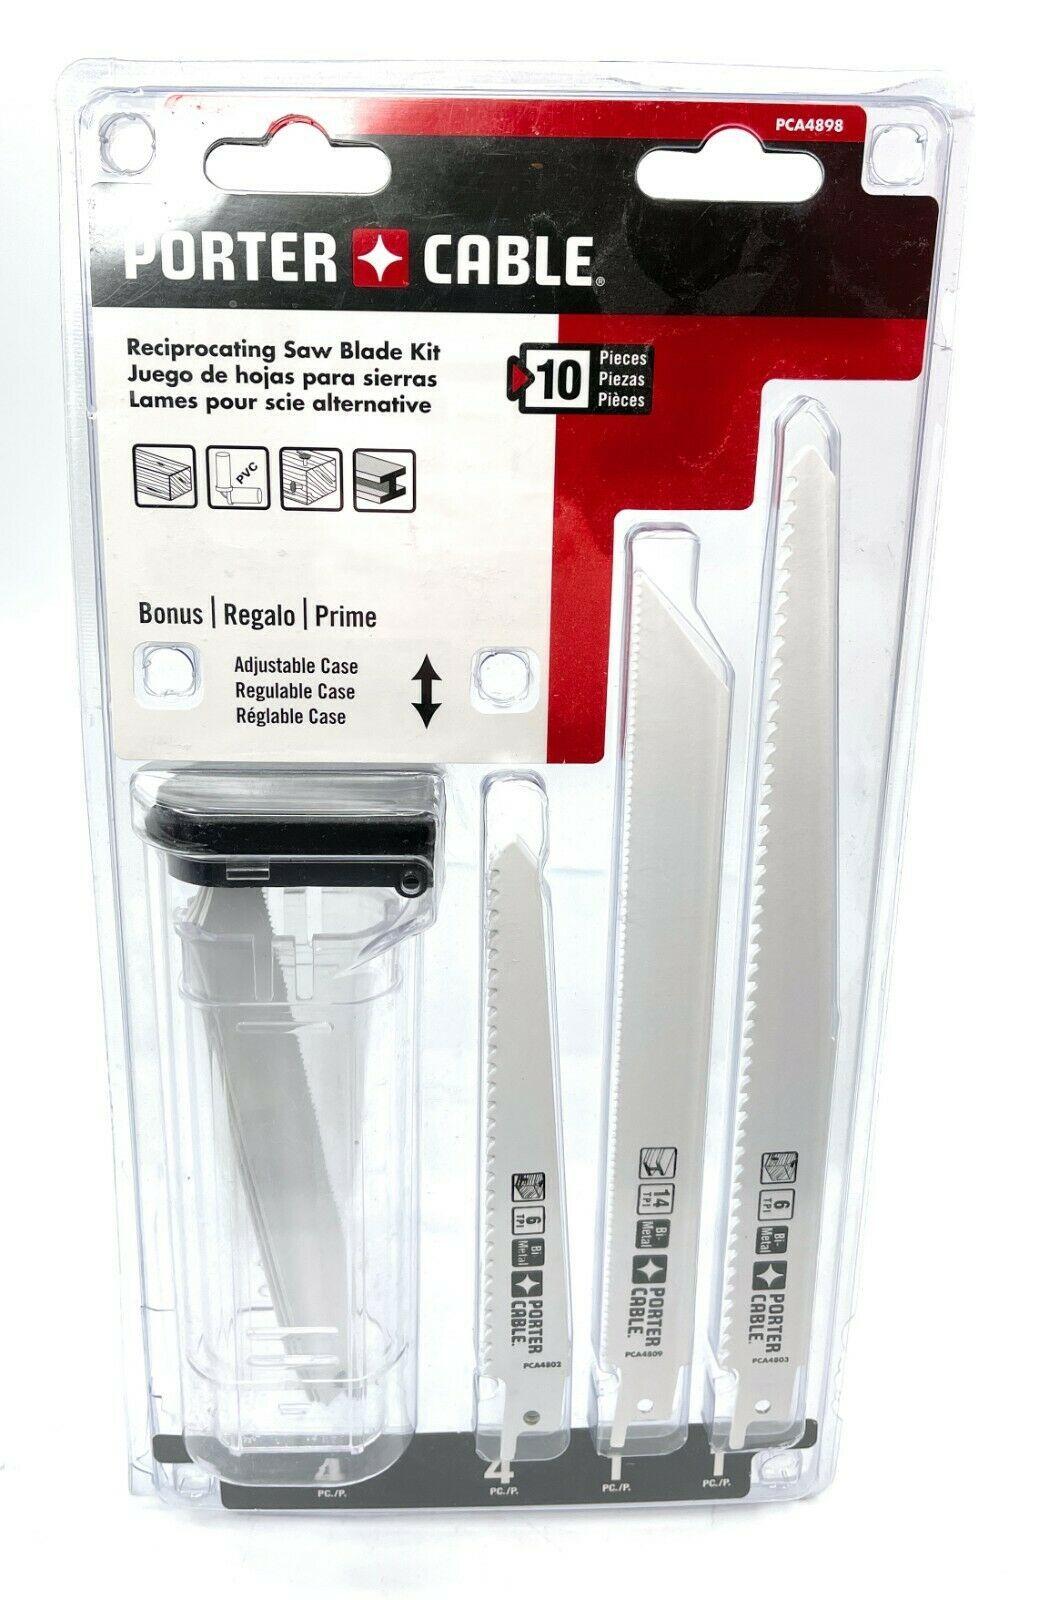 Porter-Cable PCA4898 10-Piece Reciprocating Saw Blade Set - $34.64